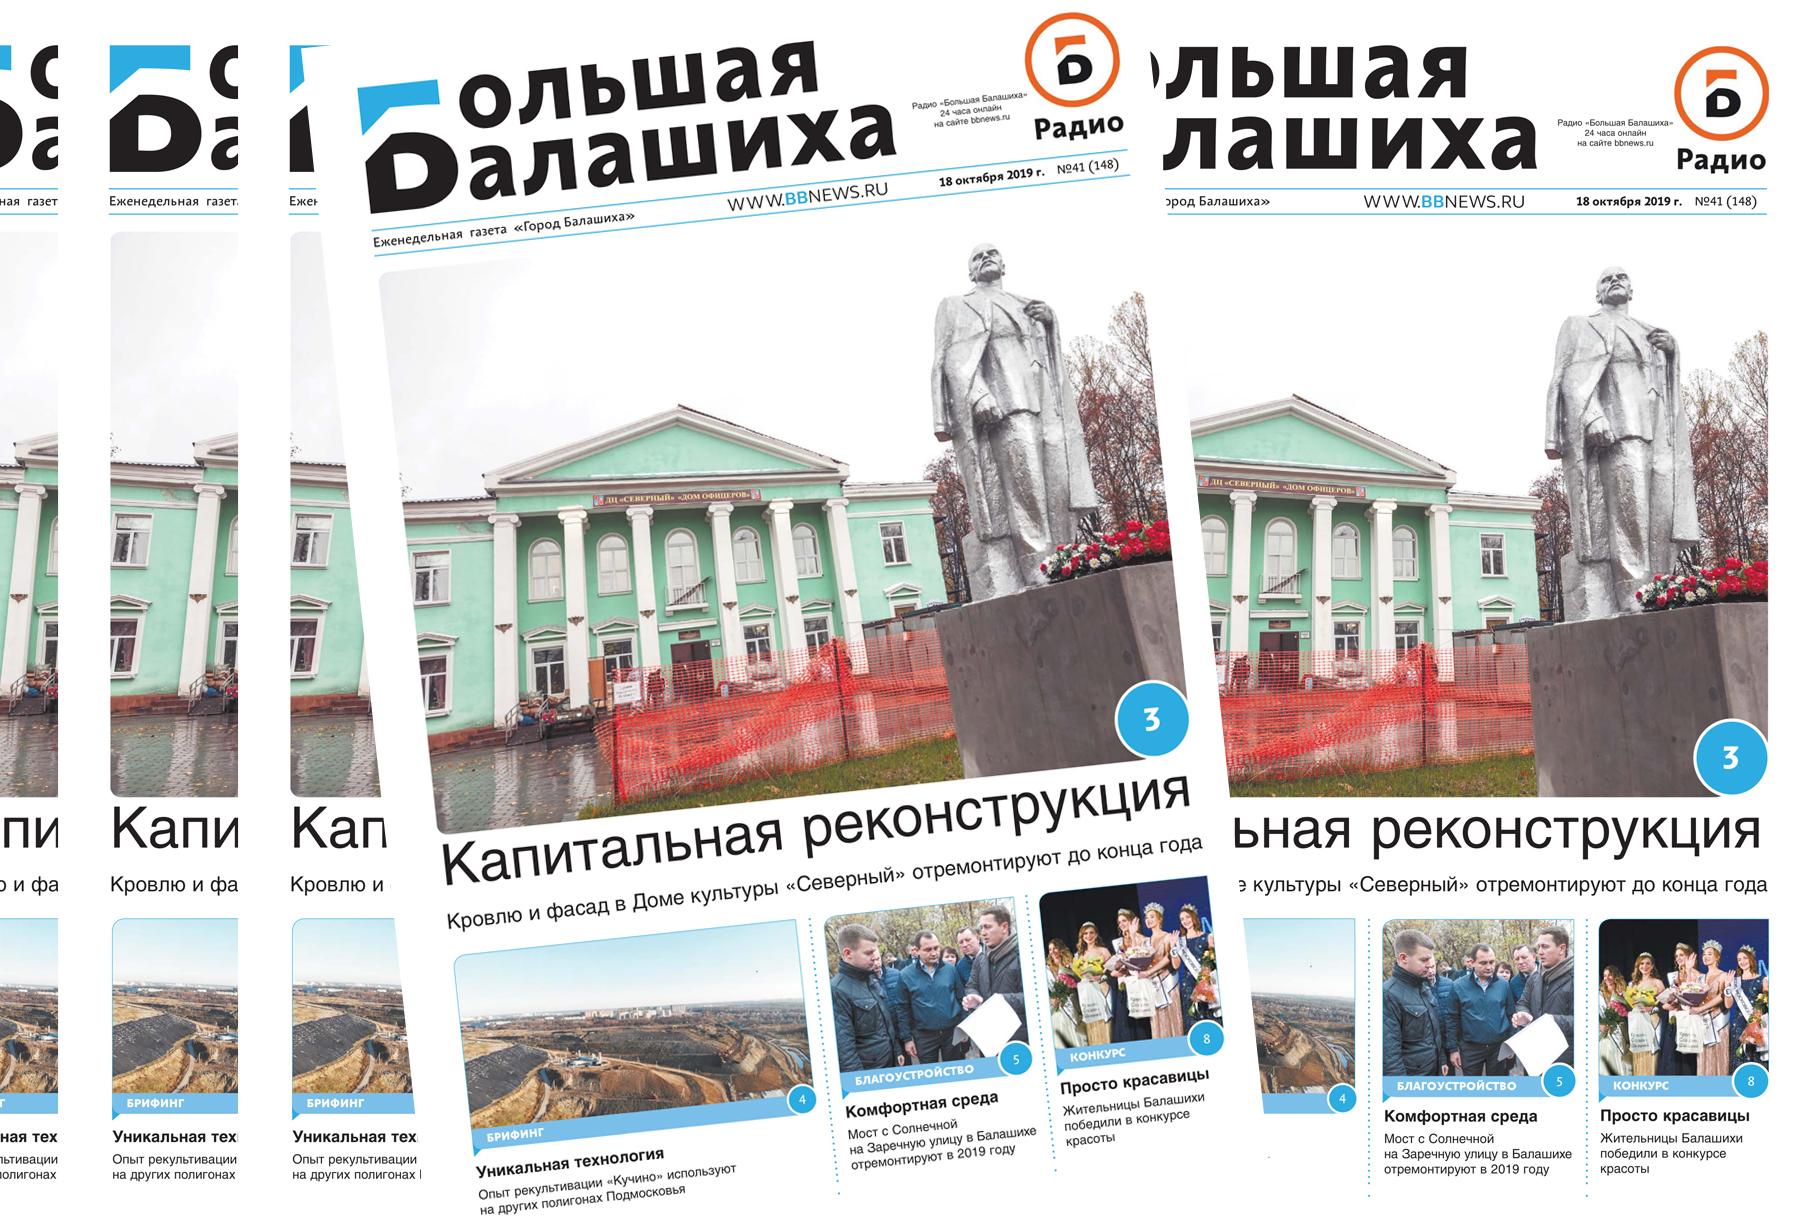 Вышла газета «Город Балашиха» №41 (148)